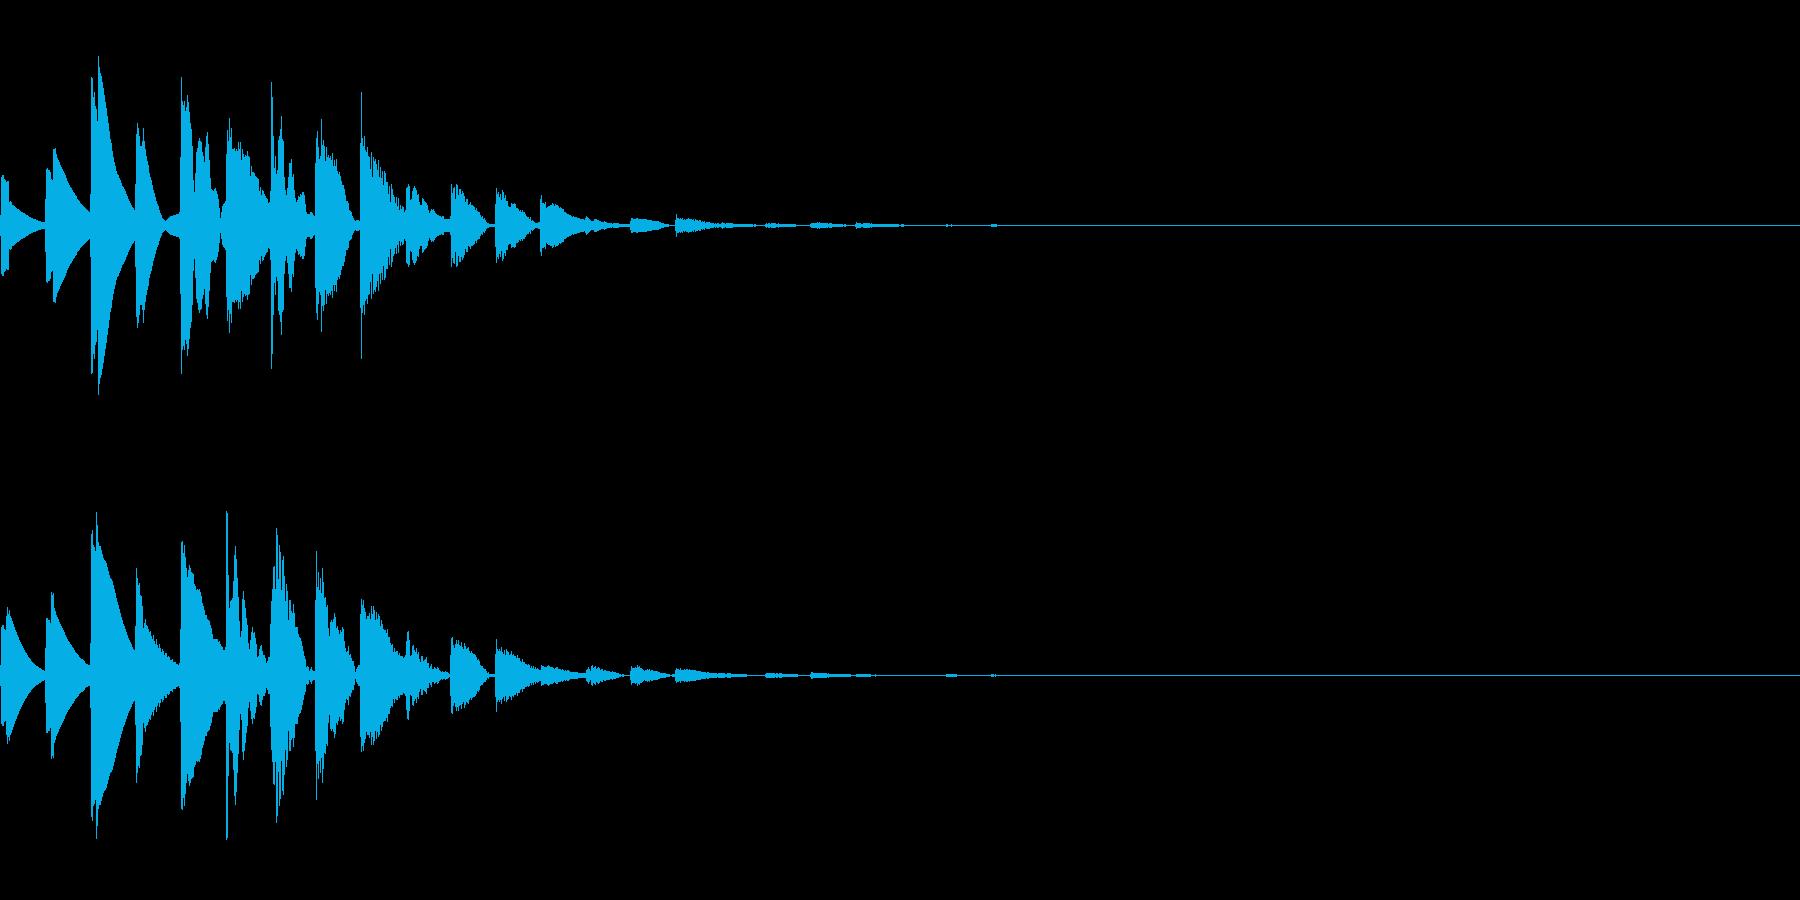 仕掛けを解除した時のエフェクトの再生済みの波形